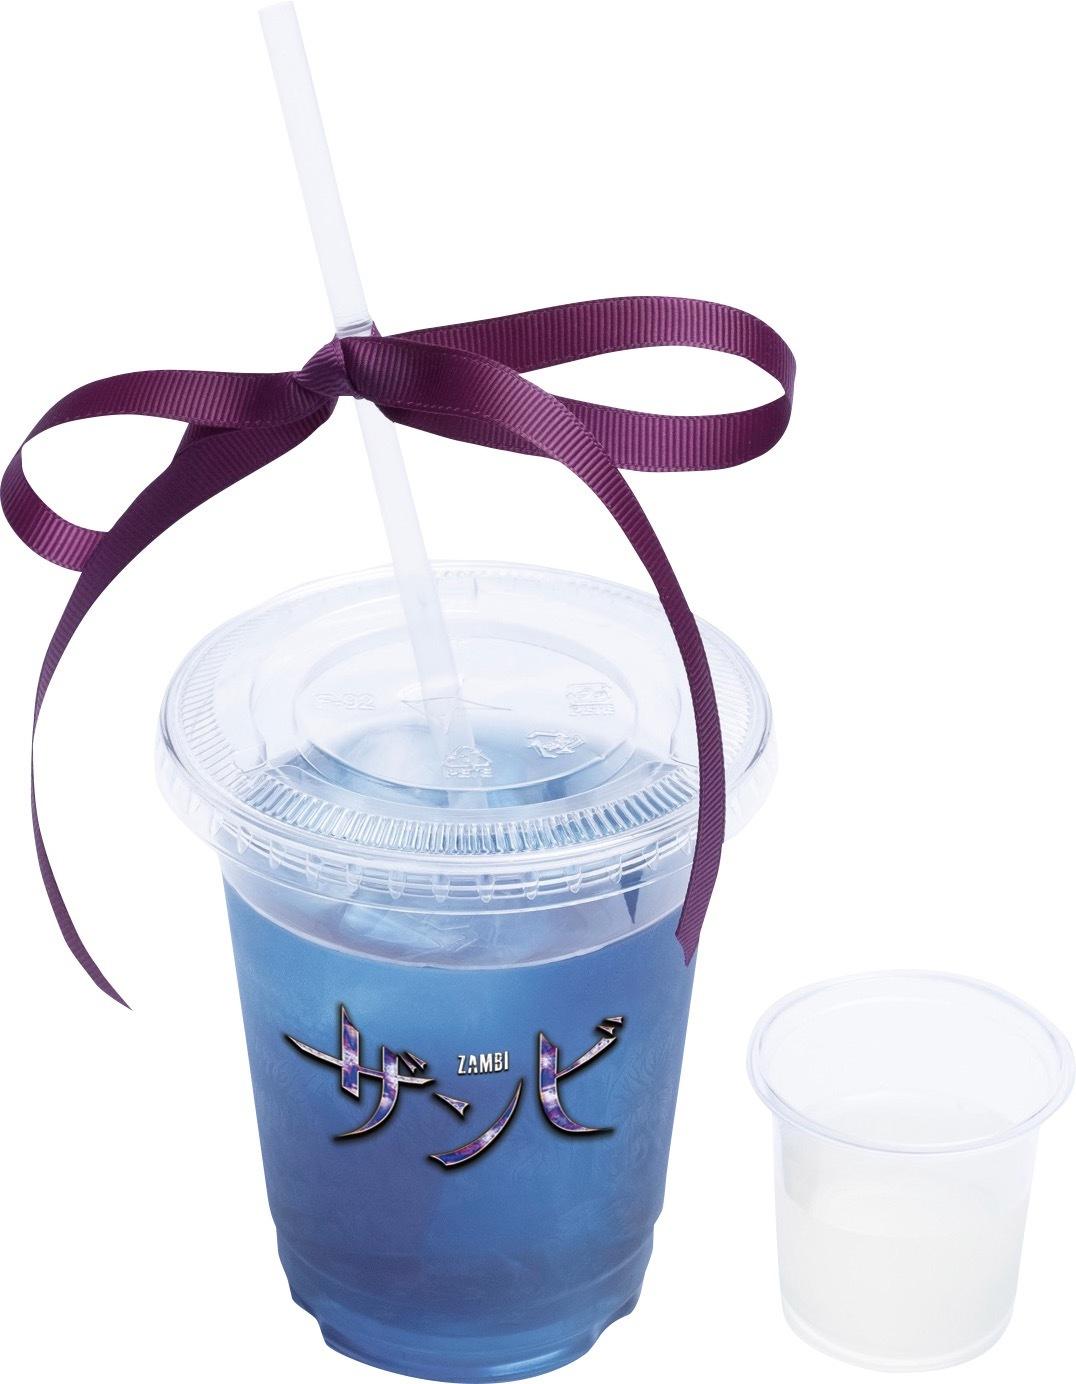 「ザンビ」カフェ&ポップアップショップ3